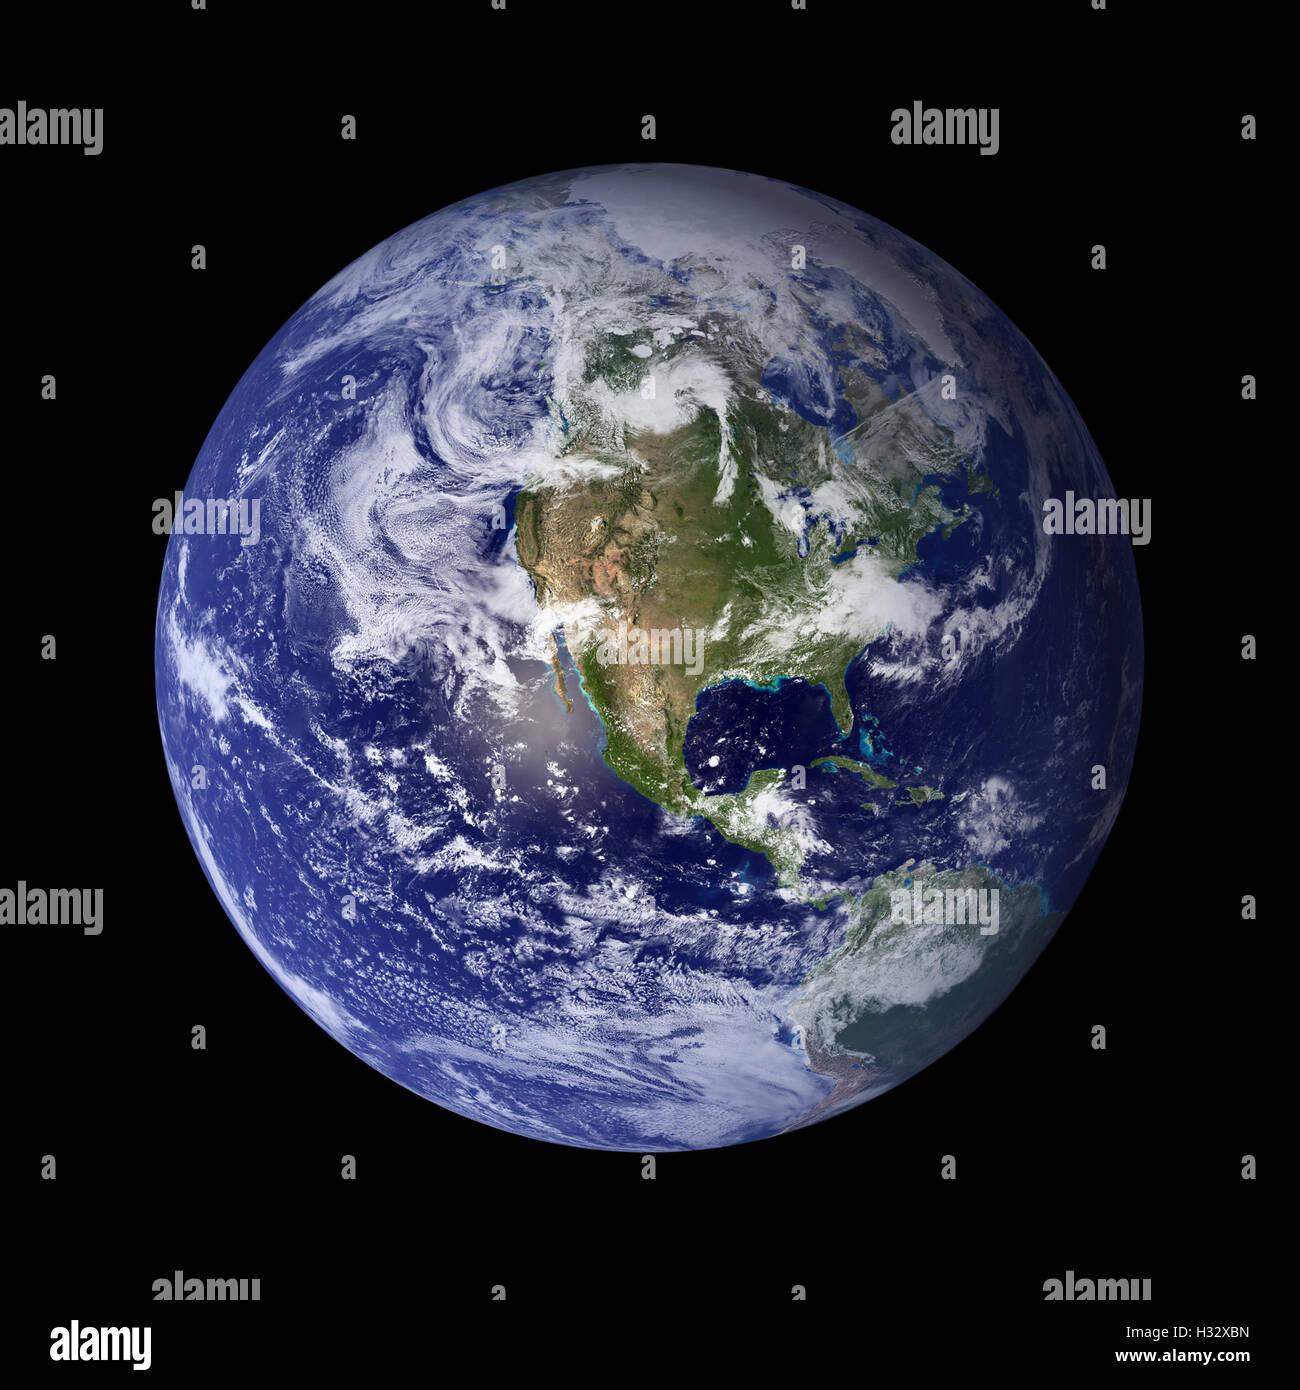 Sonnensystem - Erde. Isolierten Planeten auf schwarzem Hintergrund. Stockbild